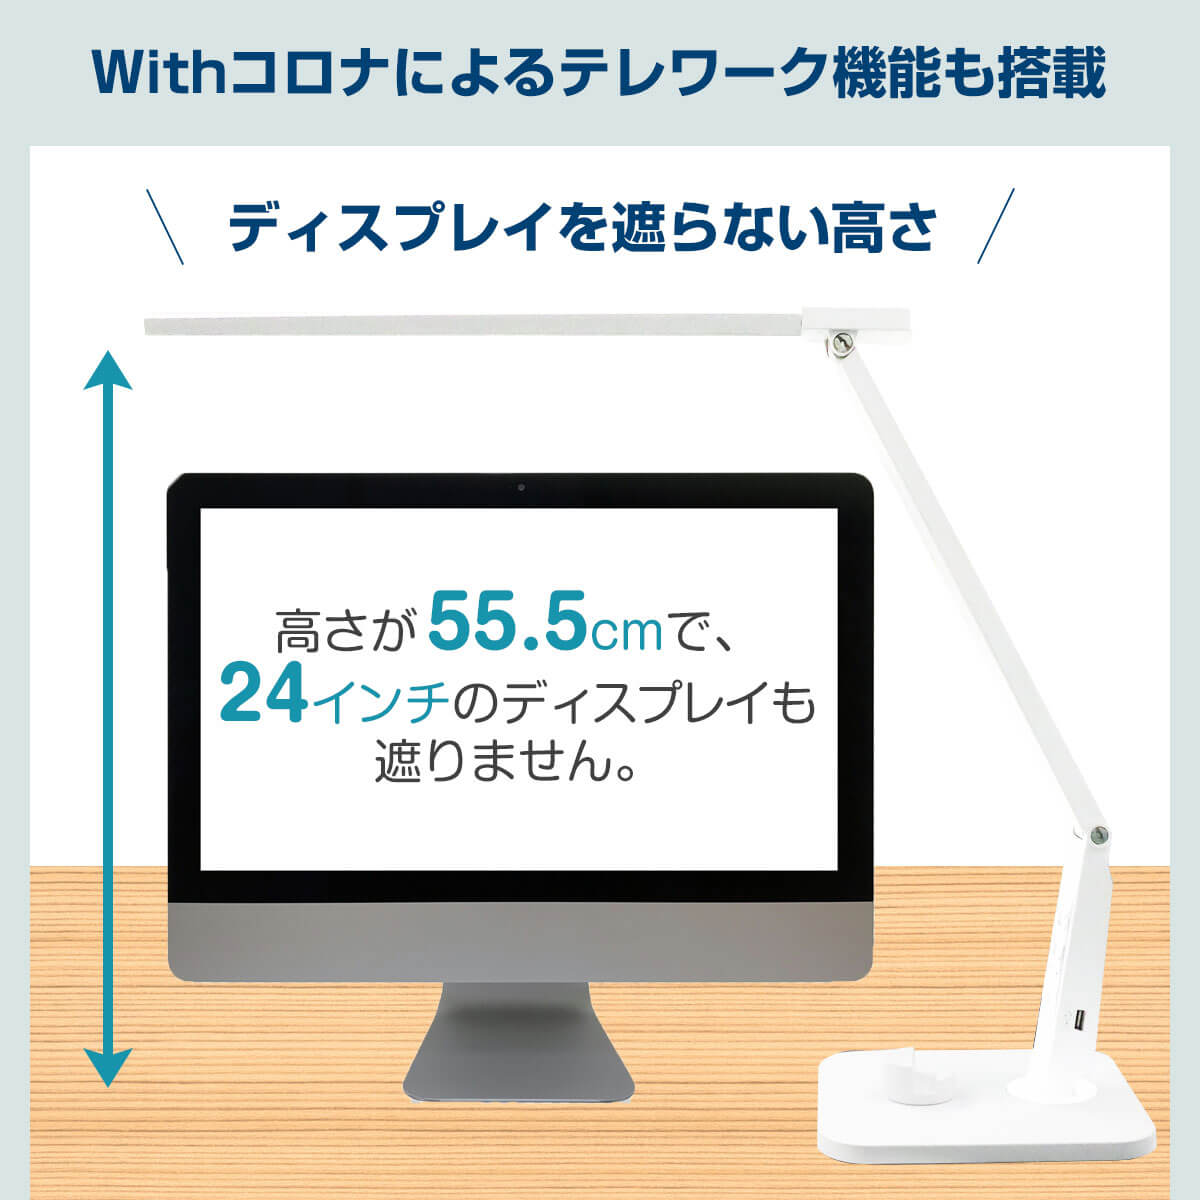 デスクライト led 学習机 目に優しい 無段階 自然光デスクライト テレワーク LEDデスクライト デスクスタンド LEDデスクスタンド ディスプレイ zoom 照明 在宅ワーク スタディライト Zoom映え 電気スタンド